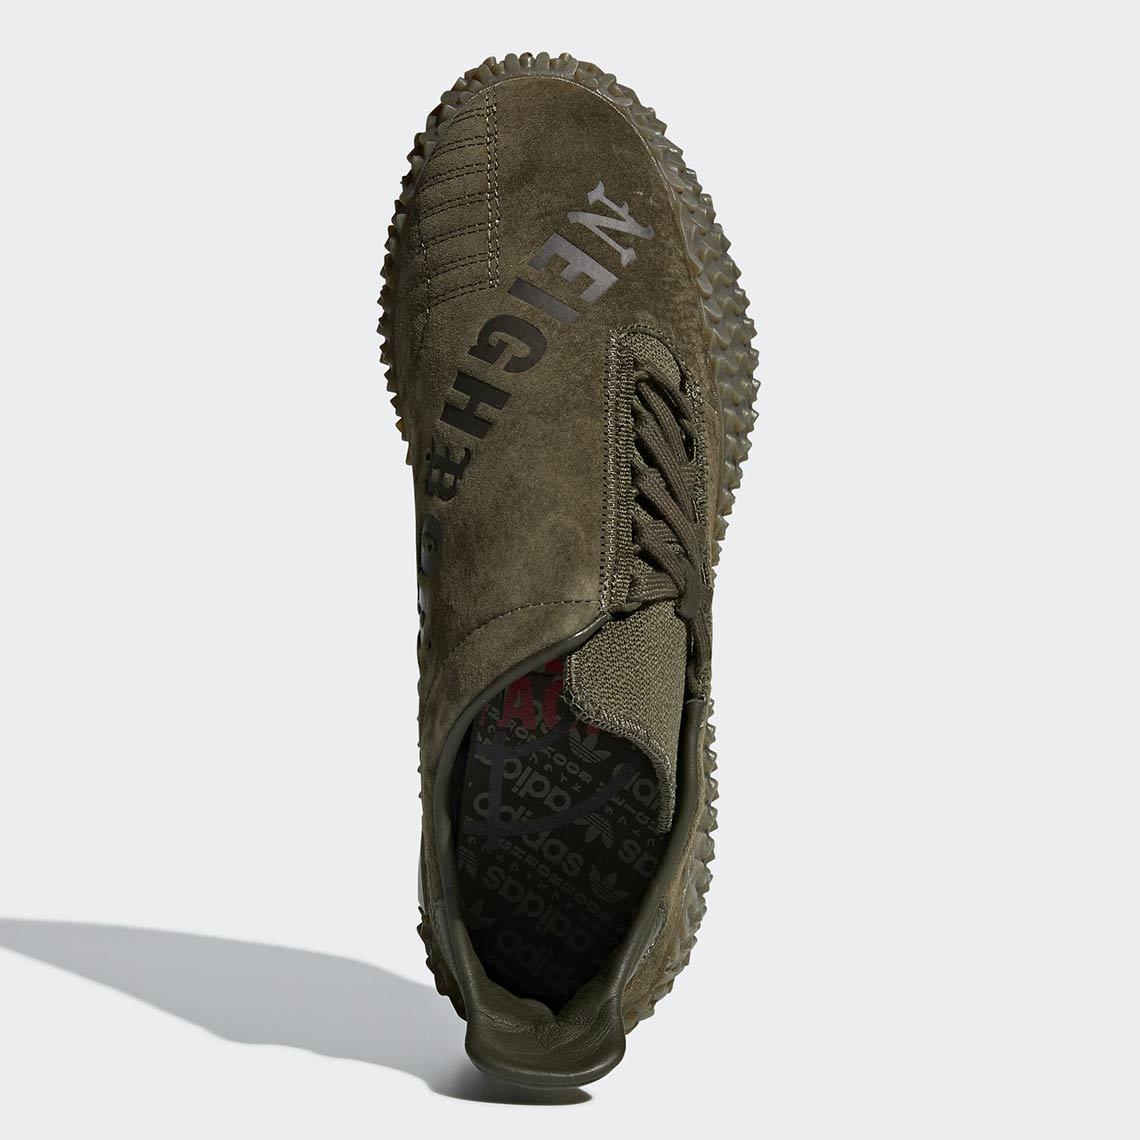 neighborhood-adidas-kamanda-olive-b37340-6.jpg